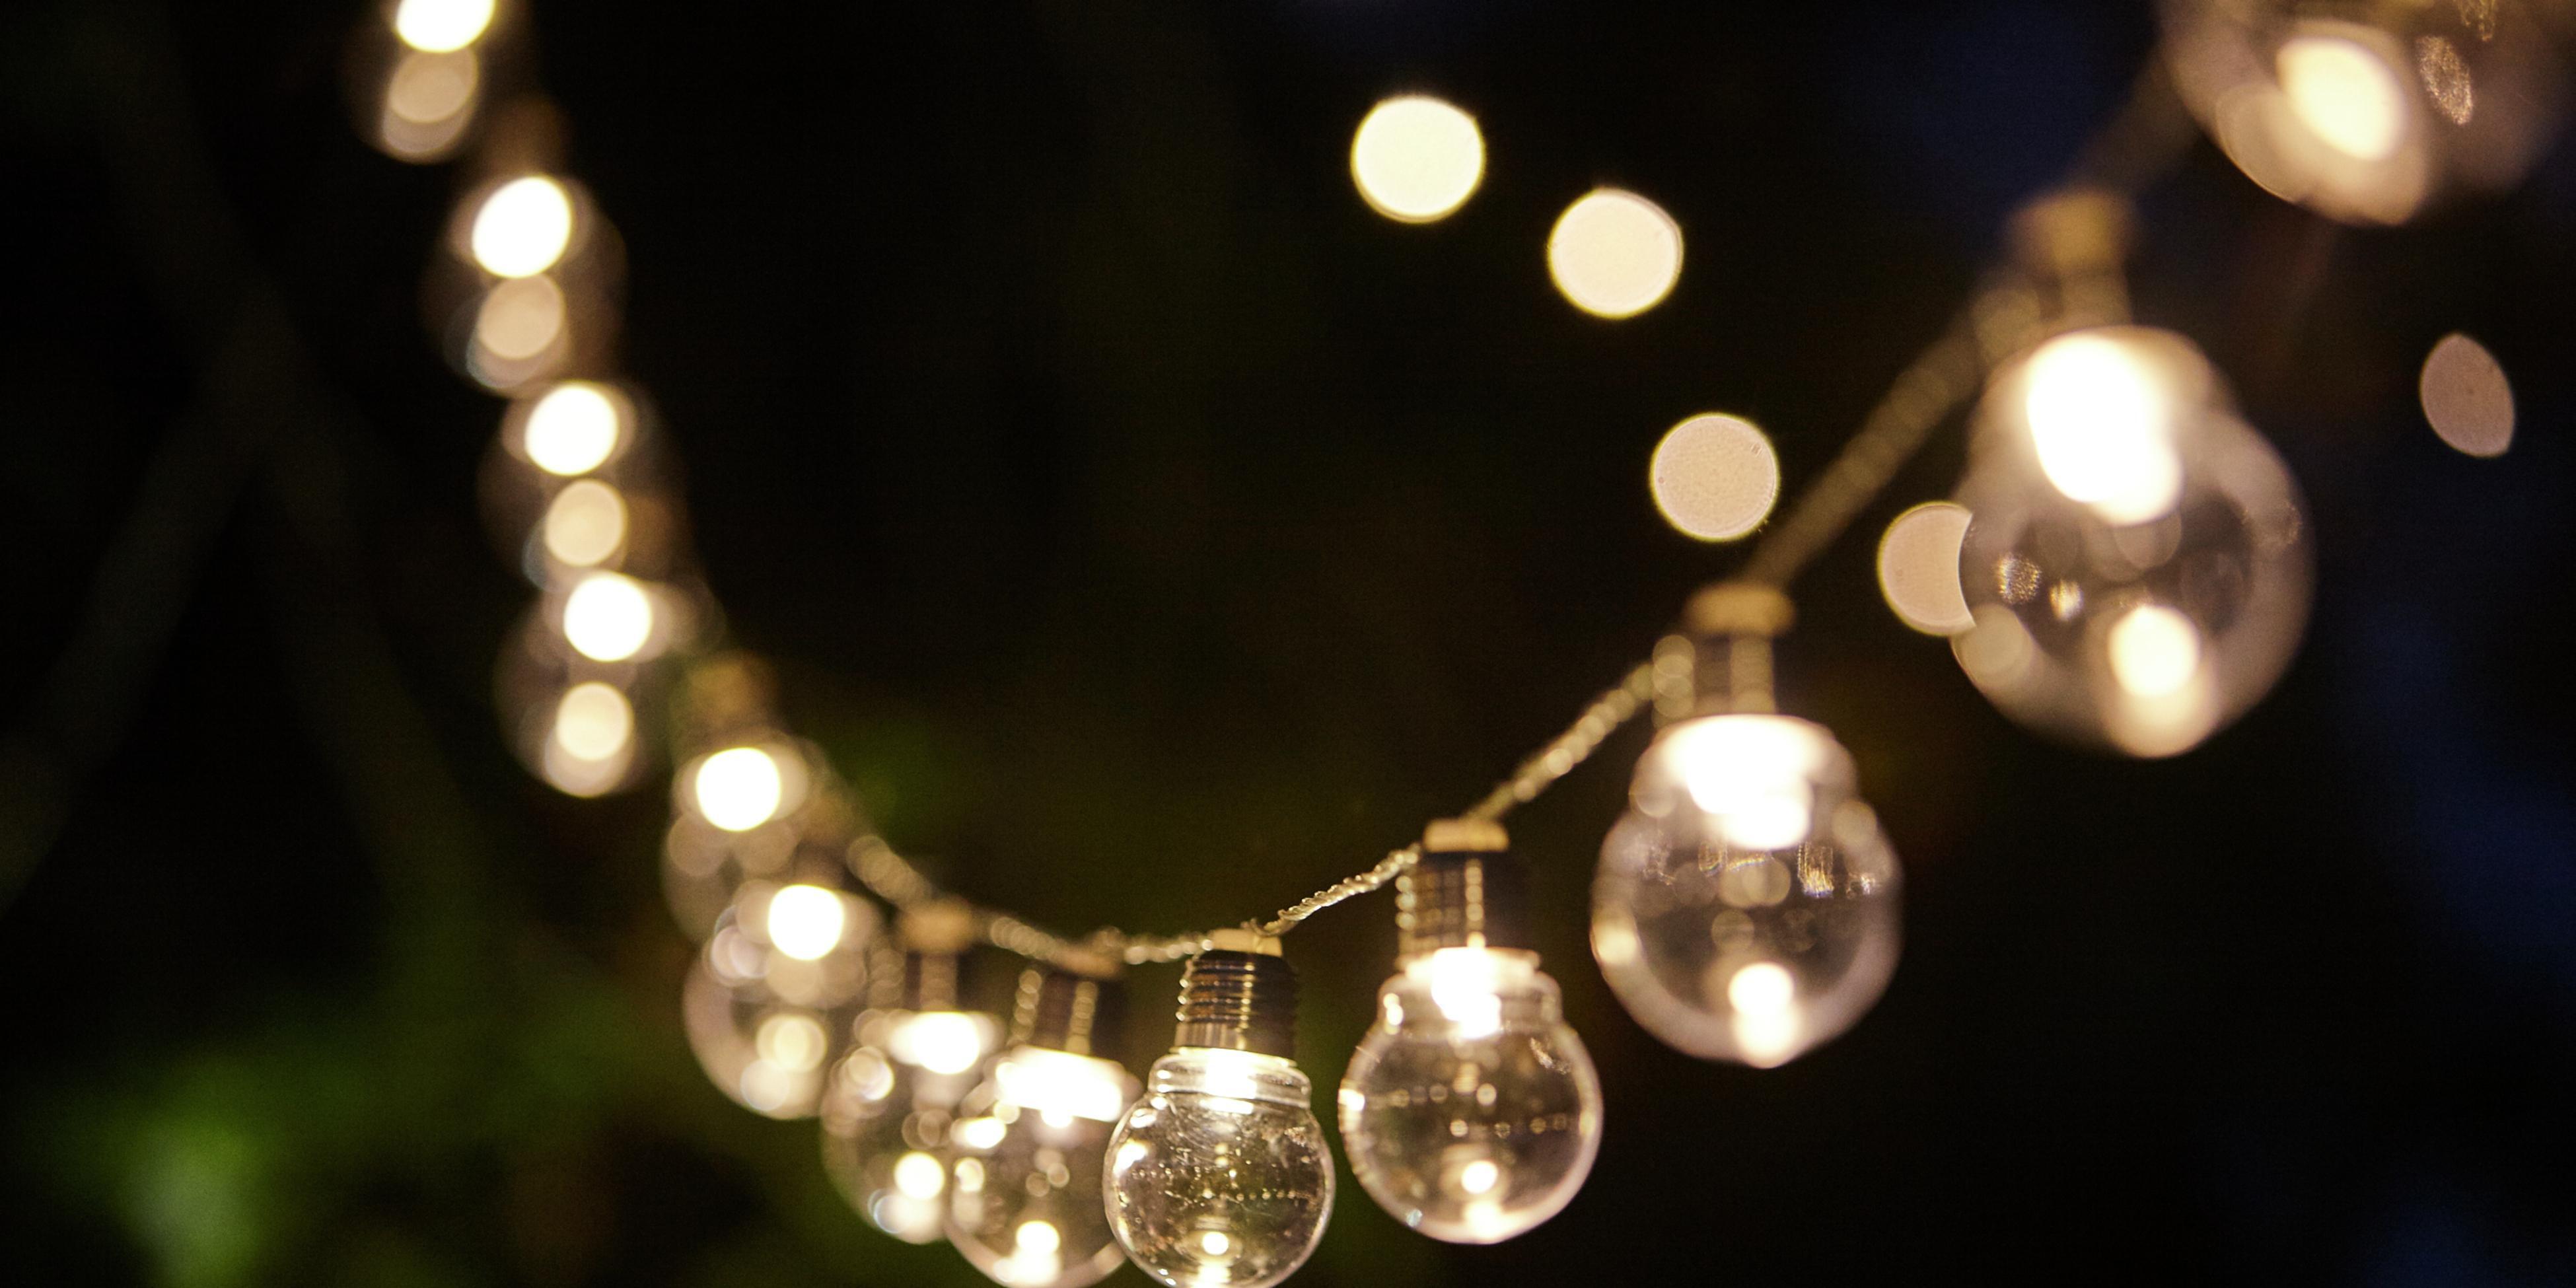 Festoon lights in a backyard